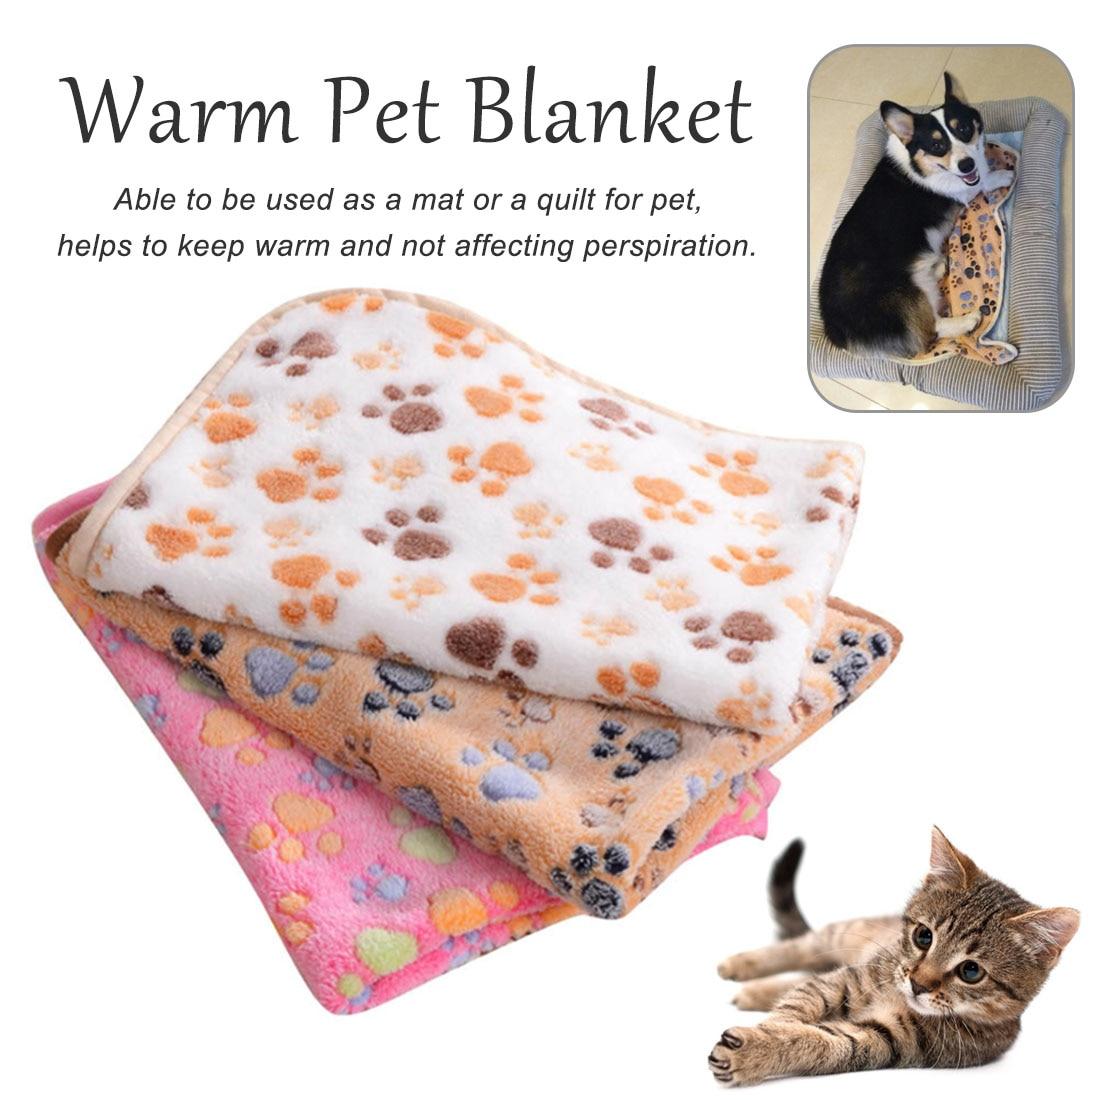 Pet Blanket Ultra Soft Baby Dog Cat Warm Blanket New Cat Fleece Throw 6 Colors